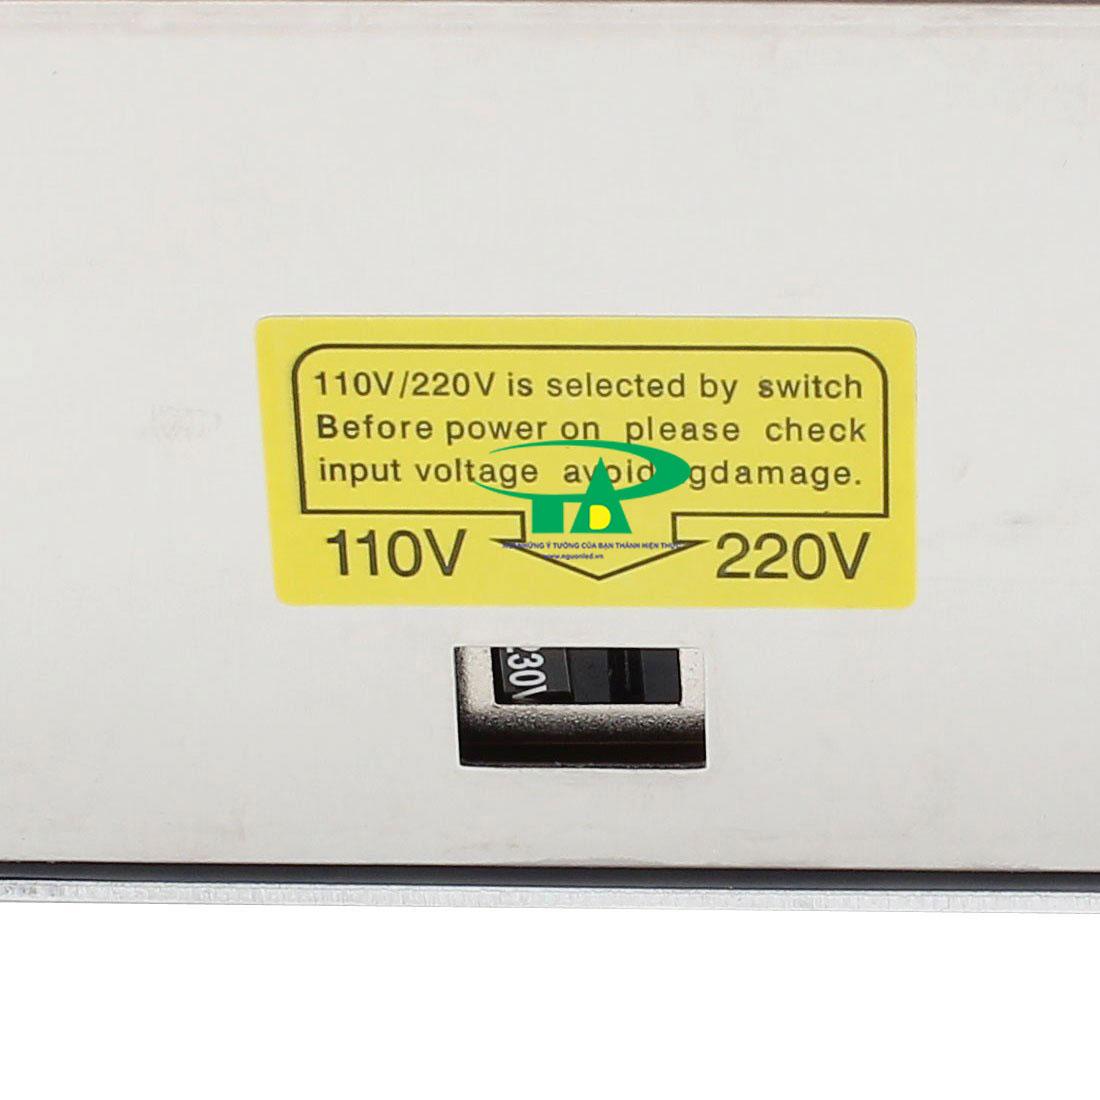 Nút điều chỉnh điện 110V chuyển sang 220V và ngược lại trong bộ nguồn 24V 20A